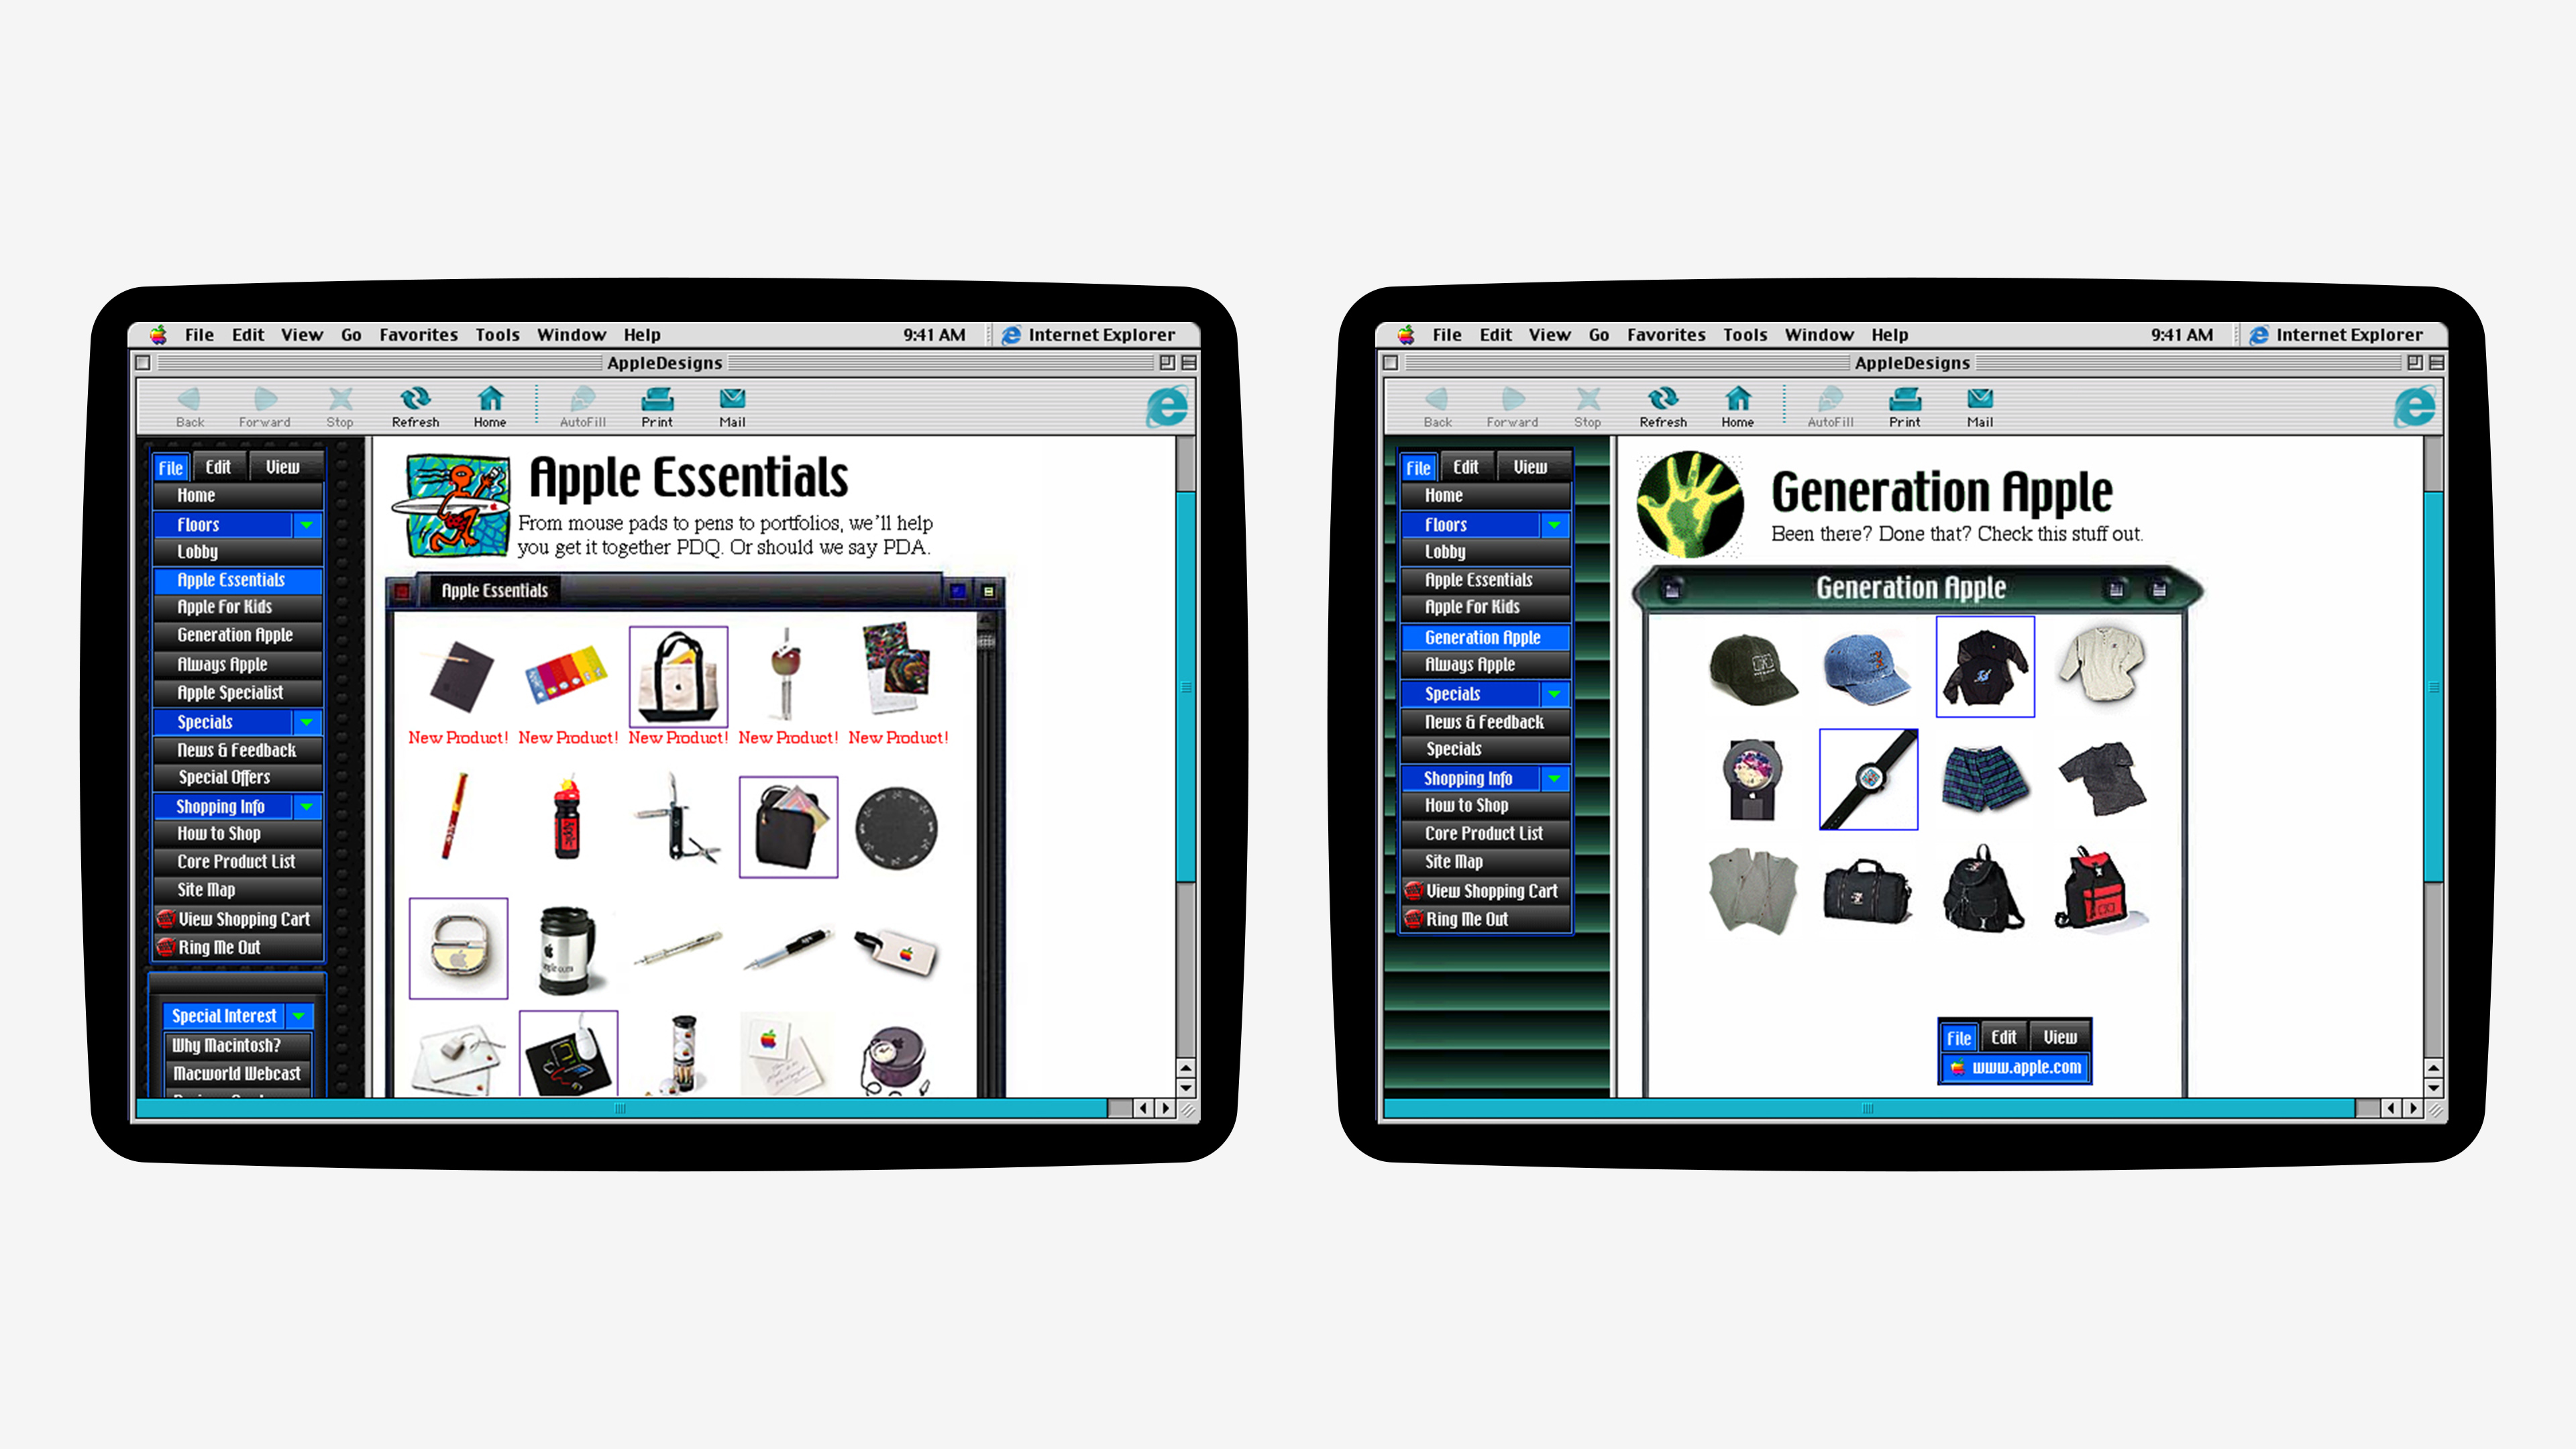 AppleDesigns Screenshots